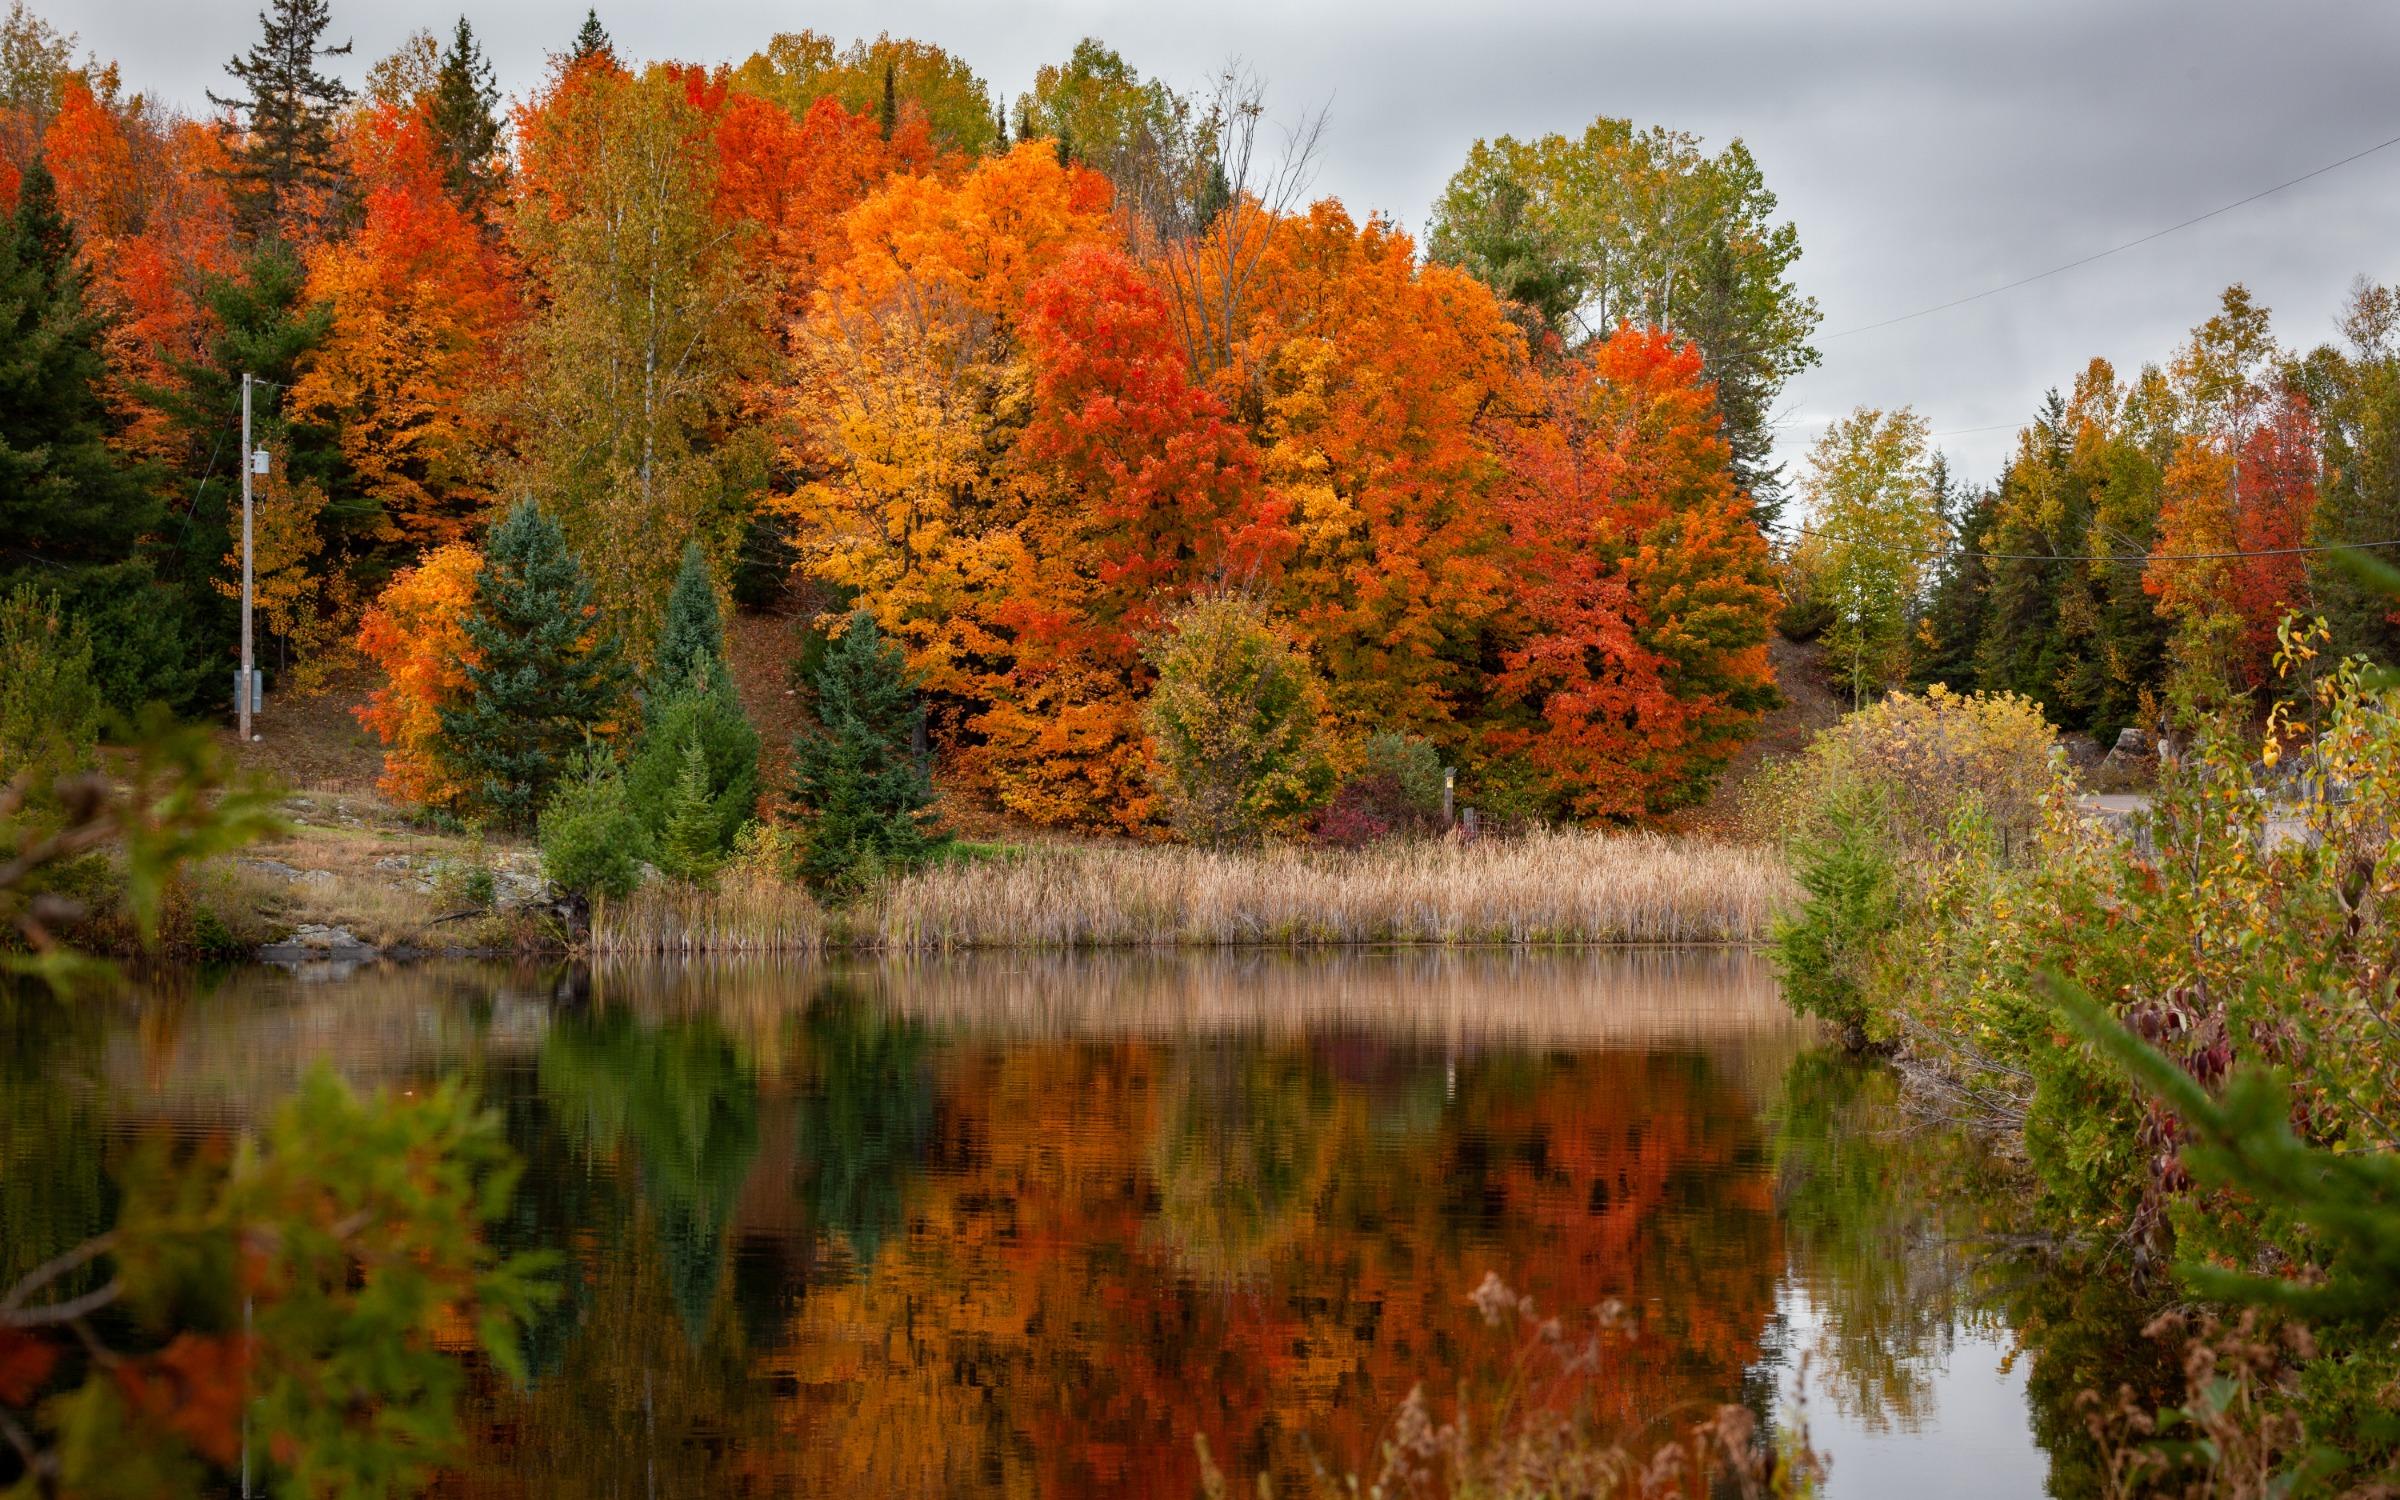 Wonderfully Fall